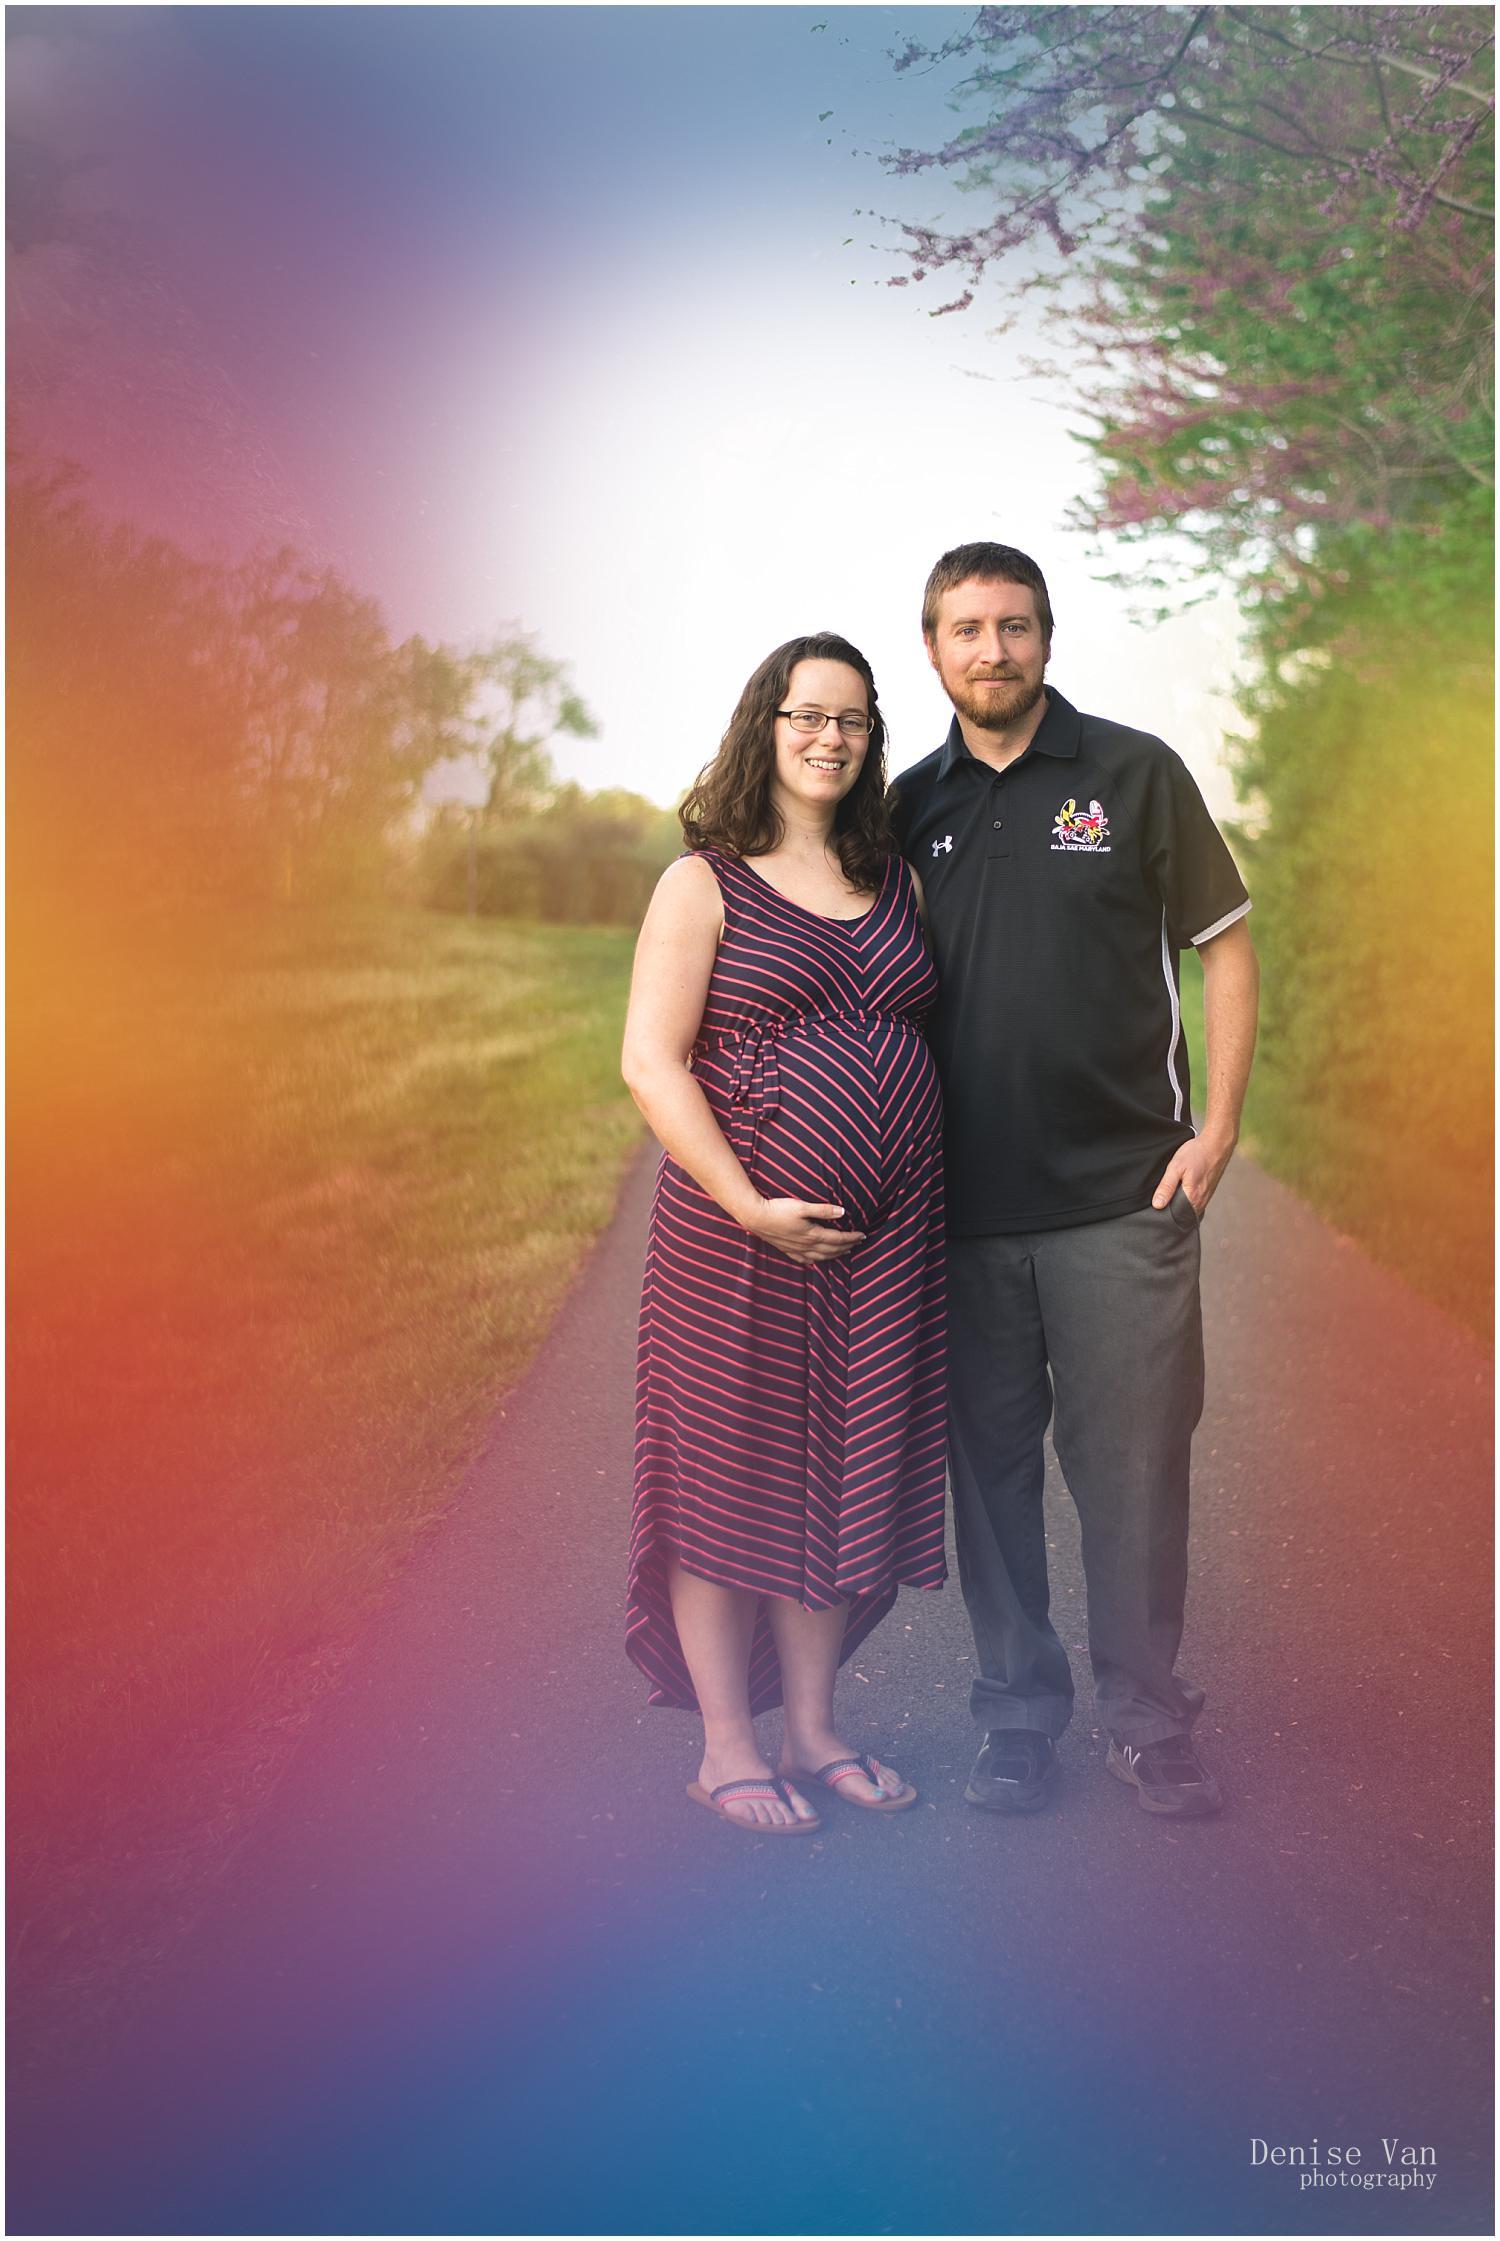 denise-van-clerkin-maternity_0010.jpg